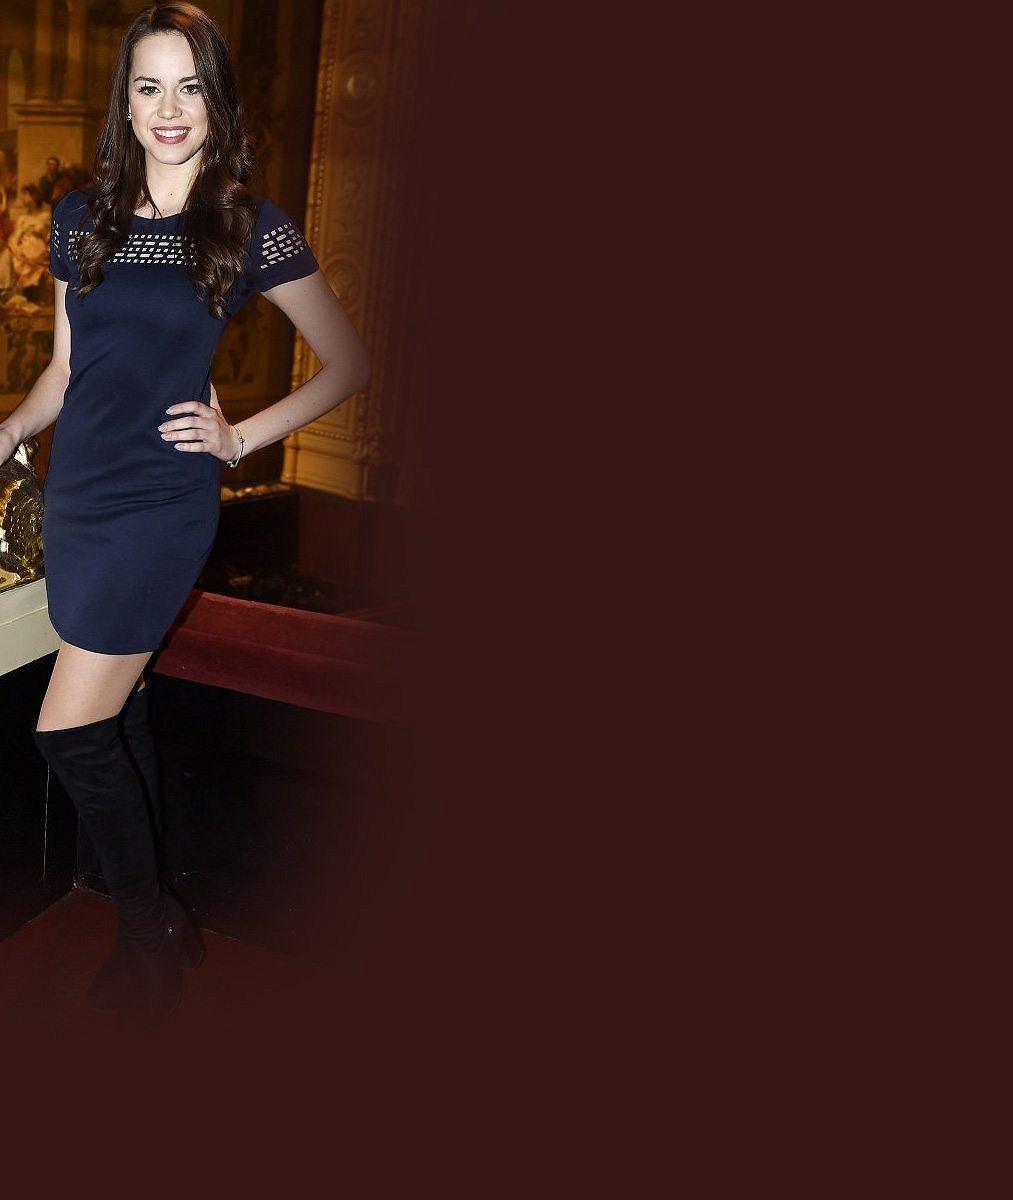 Zahodí slibnou kariéru? Krásná zpěvačka Gudasová chce kvůli svému hokejistovi z NHL zmizet z Česka